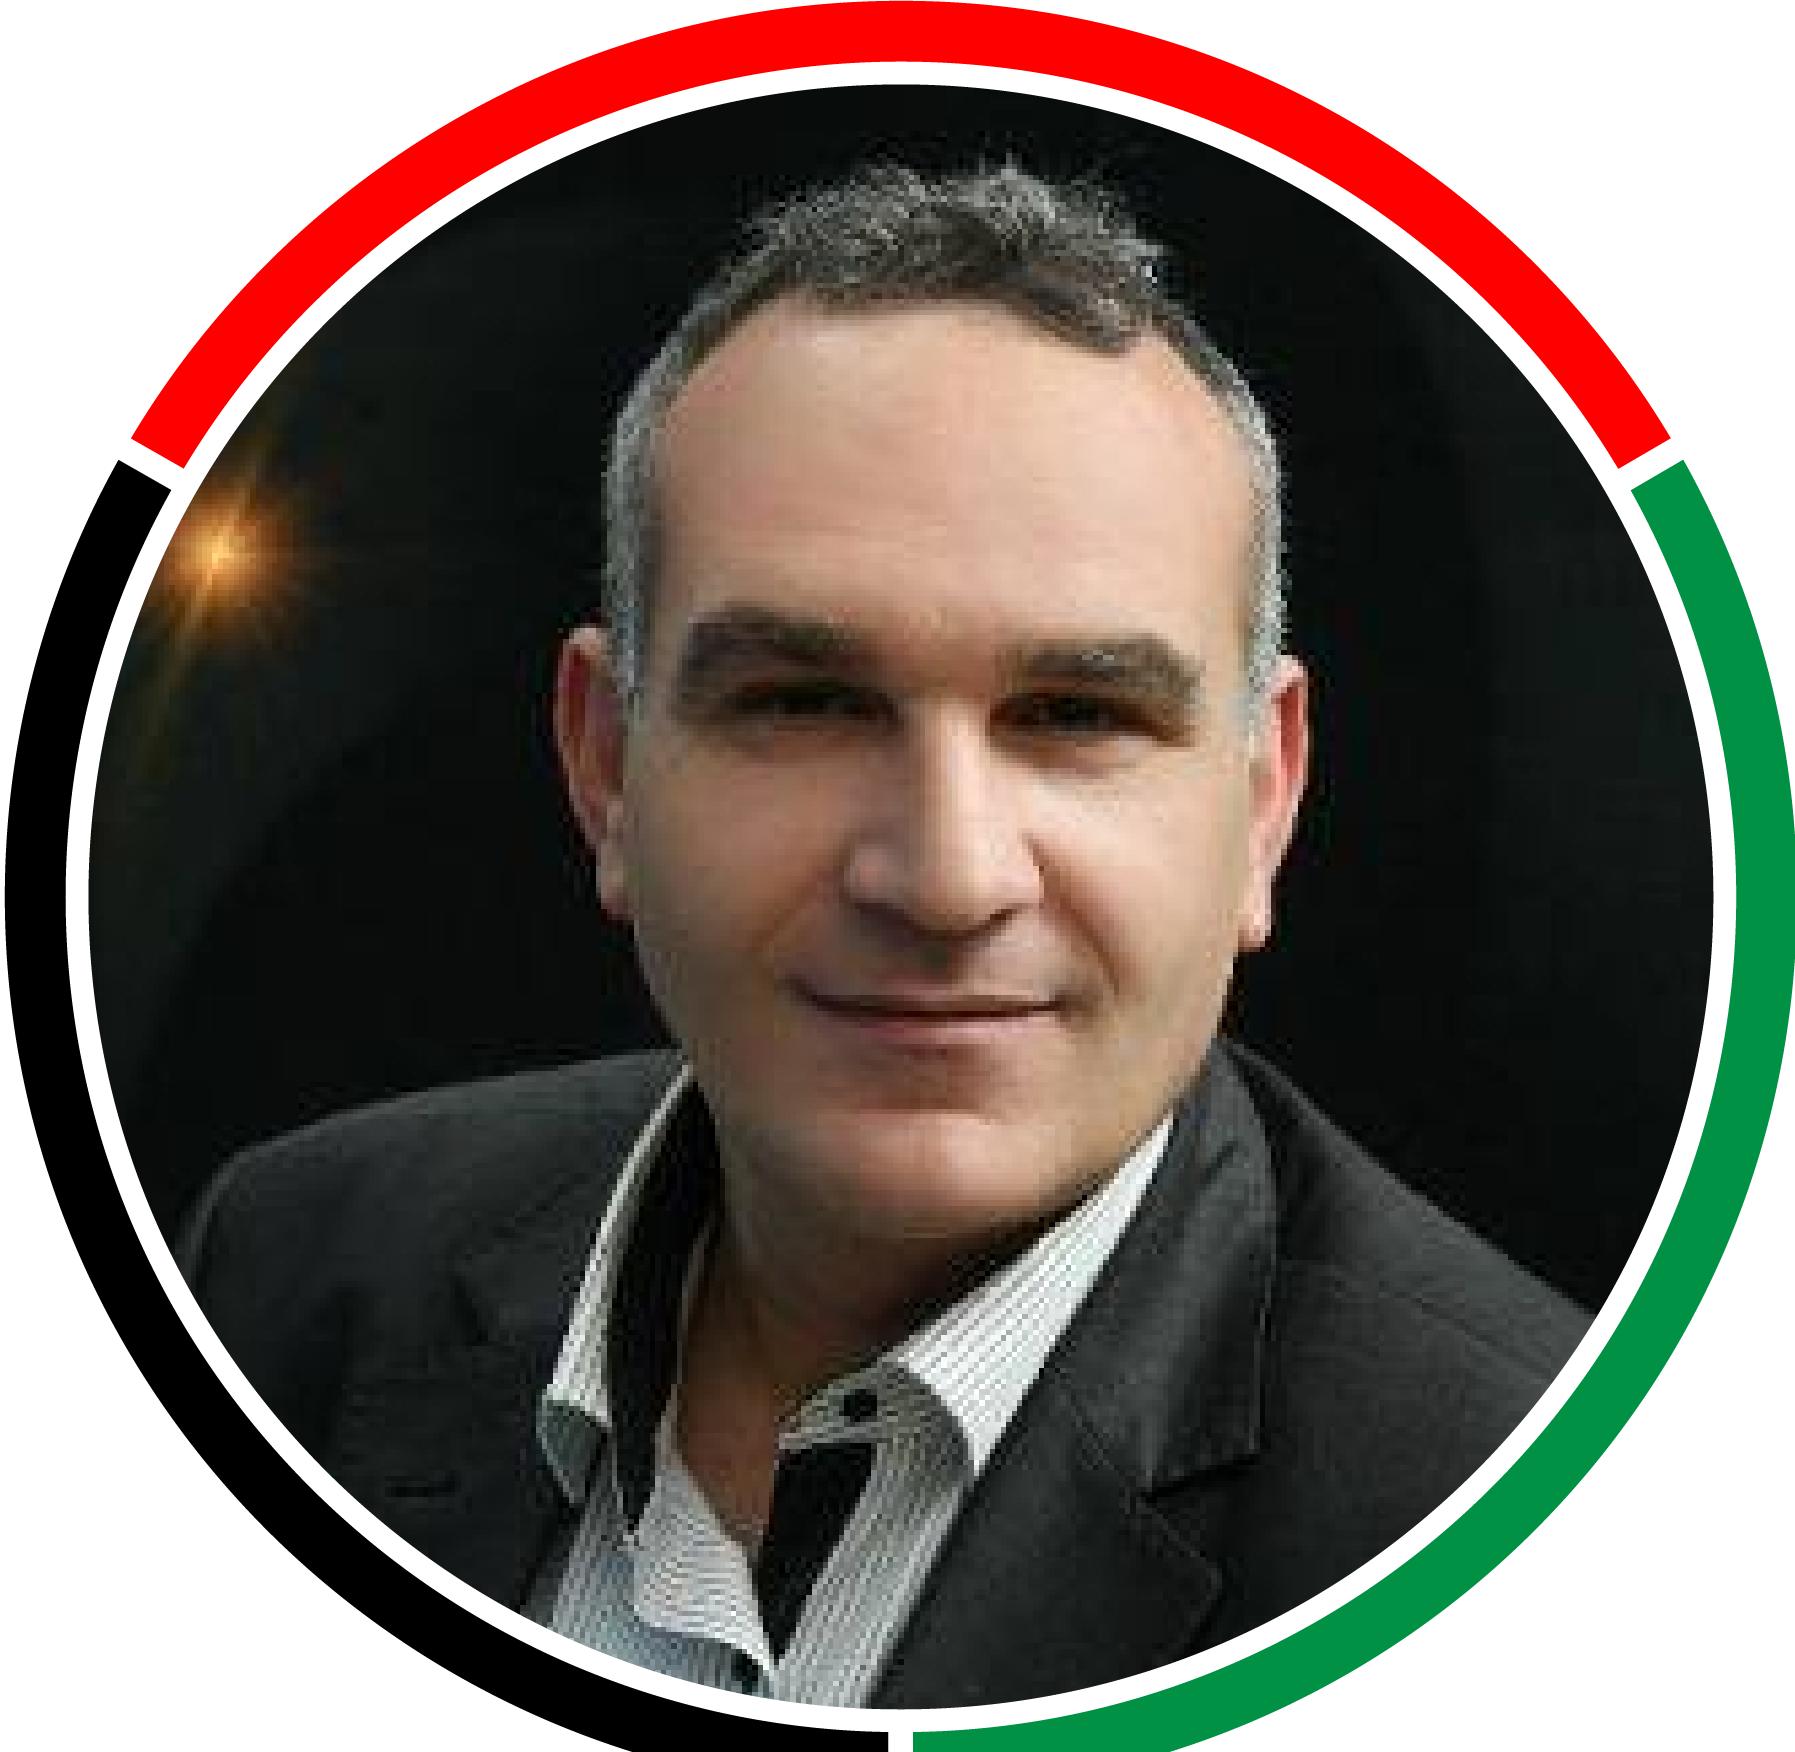 وزير الاتصالات يعلن عن تزويد خدمة الانترنت بشكل أفضل وتخفيض الاسعار - سما الإخبارية